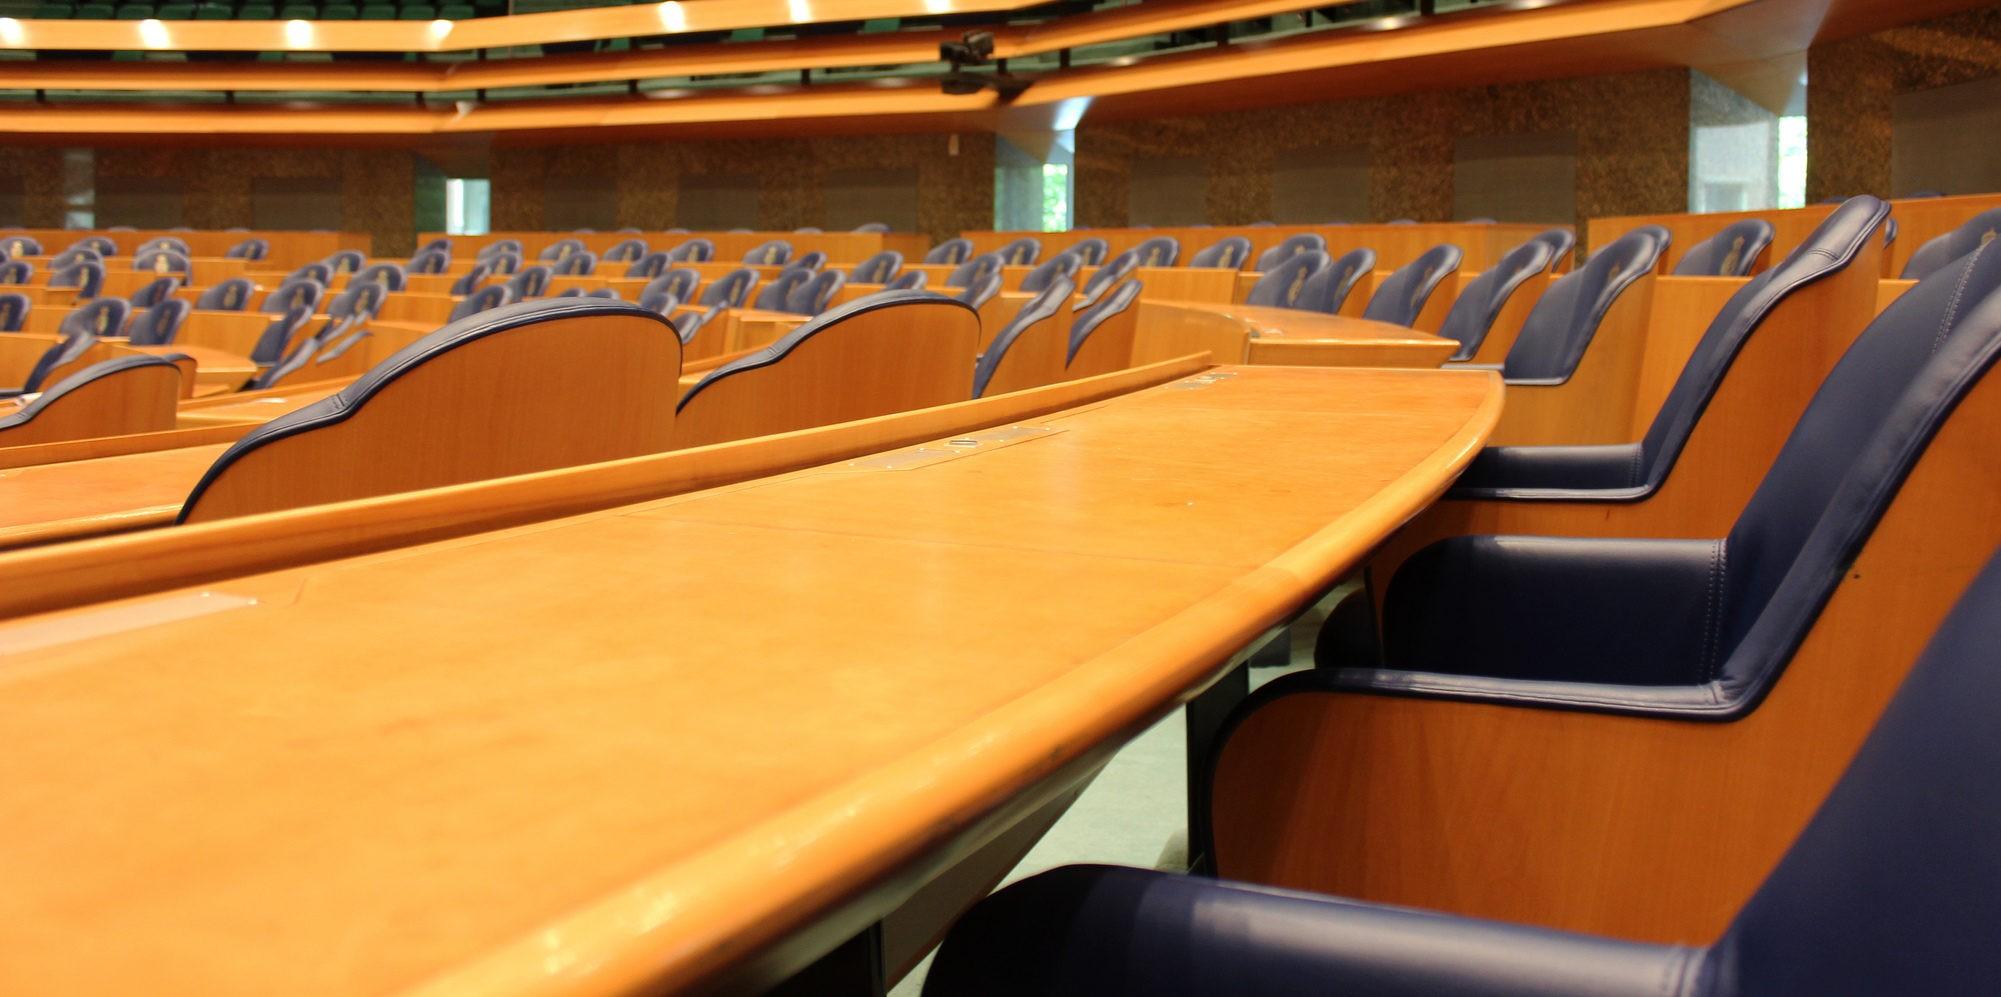 formatie eigen risico - De Verkiezingswijzer - Onafhankelijke informatie over de Tweedekamer Verkiezingen op 17 maart 2021